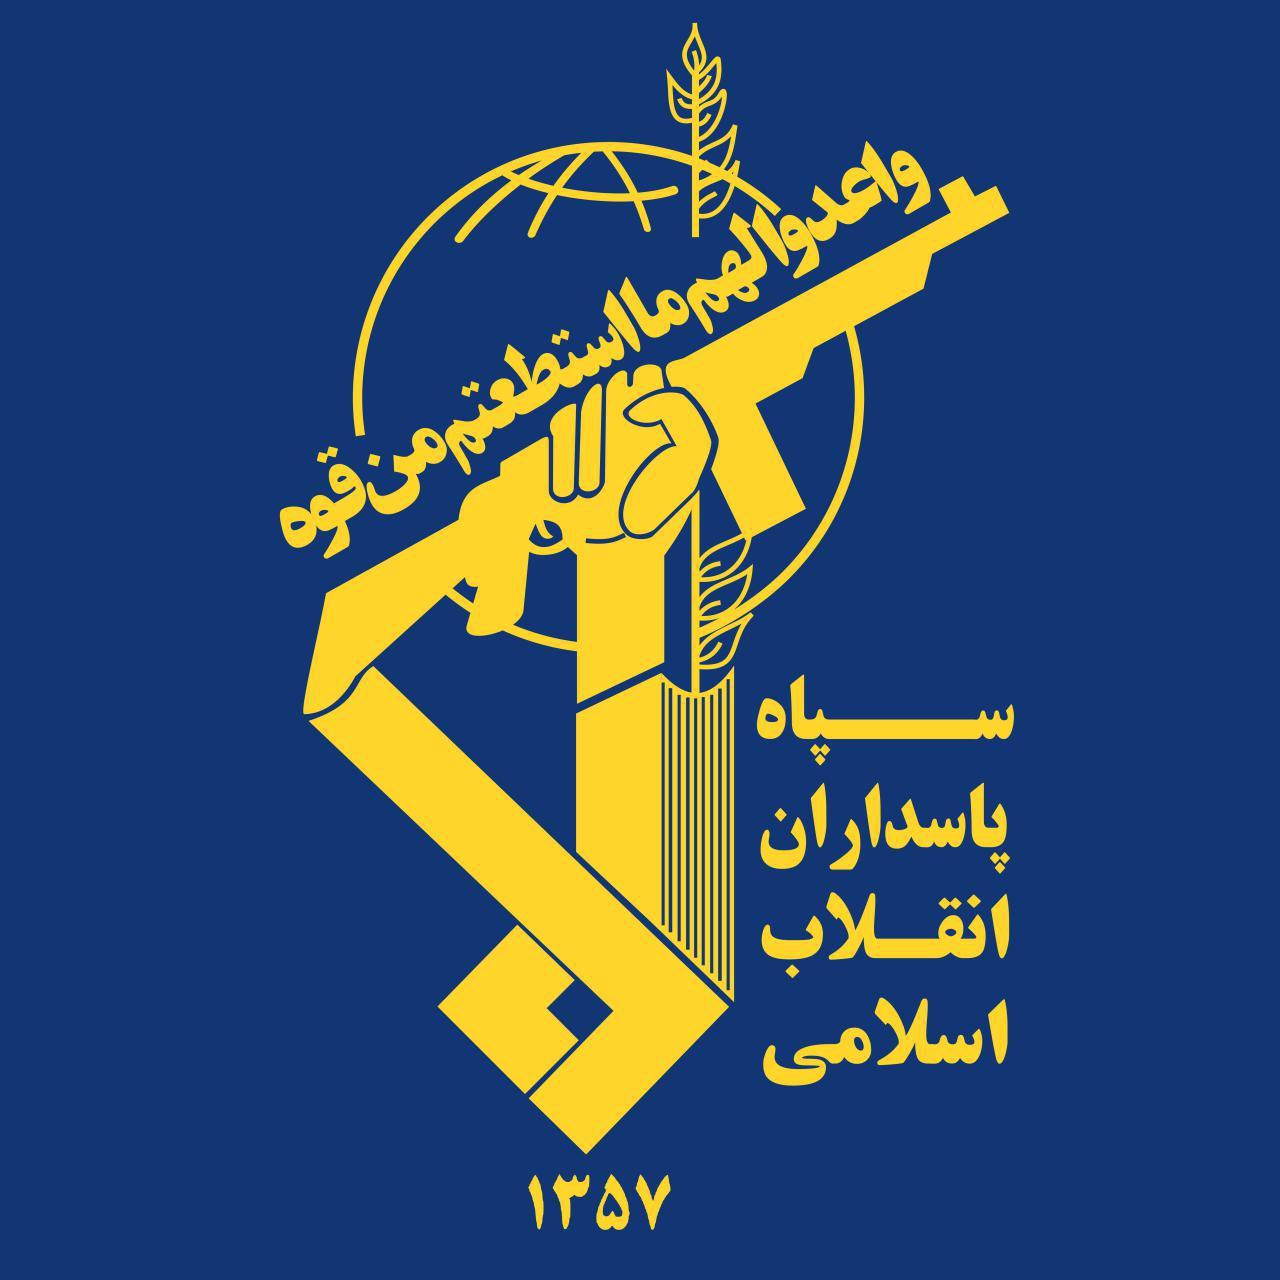 ناکامی عناصر ضد انقلاب از ورود به ایران